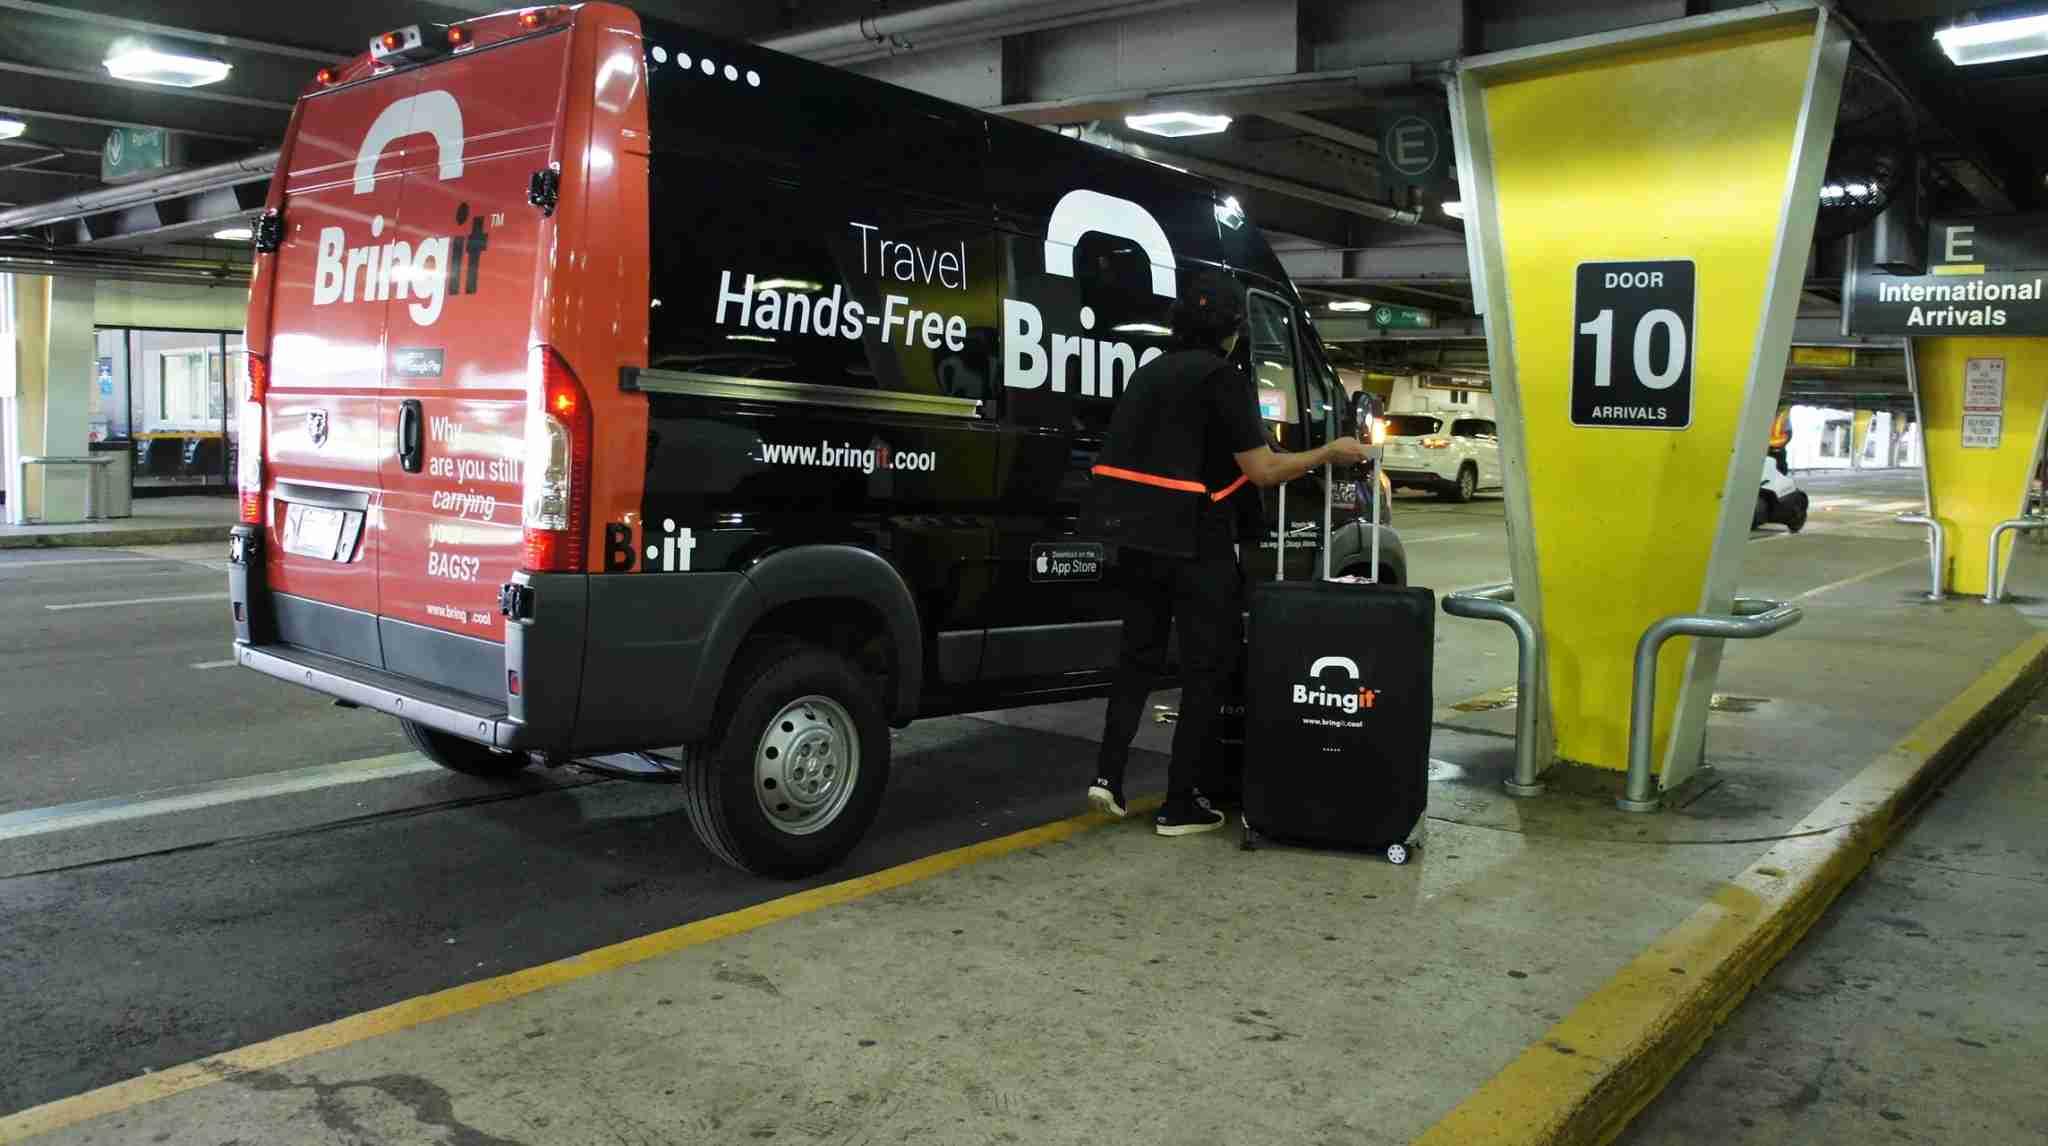 BringIt Truck